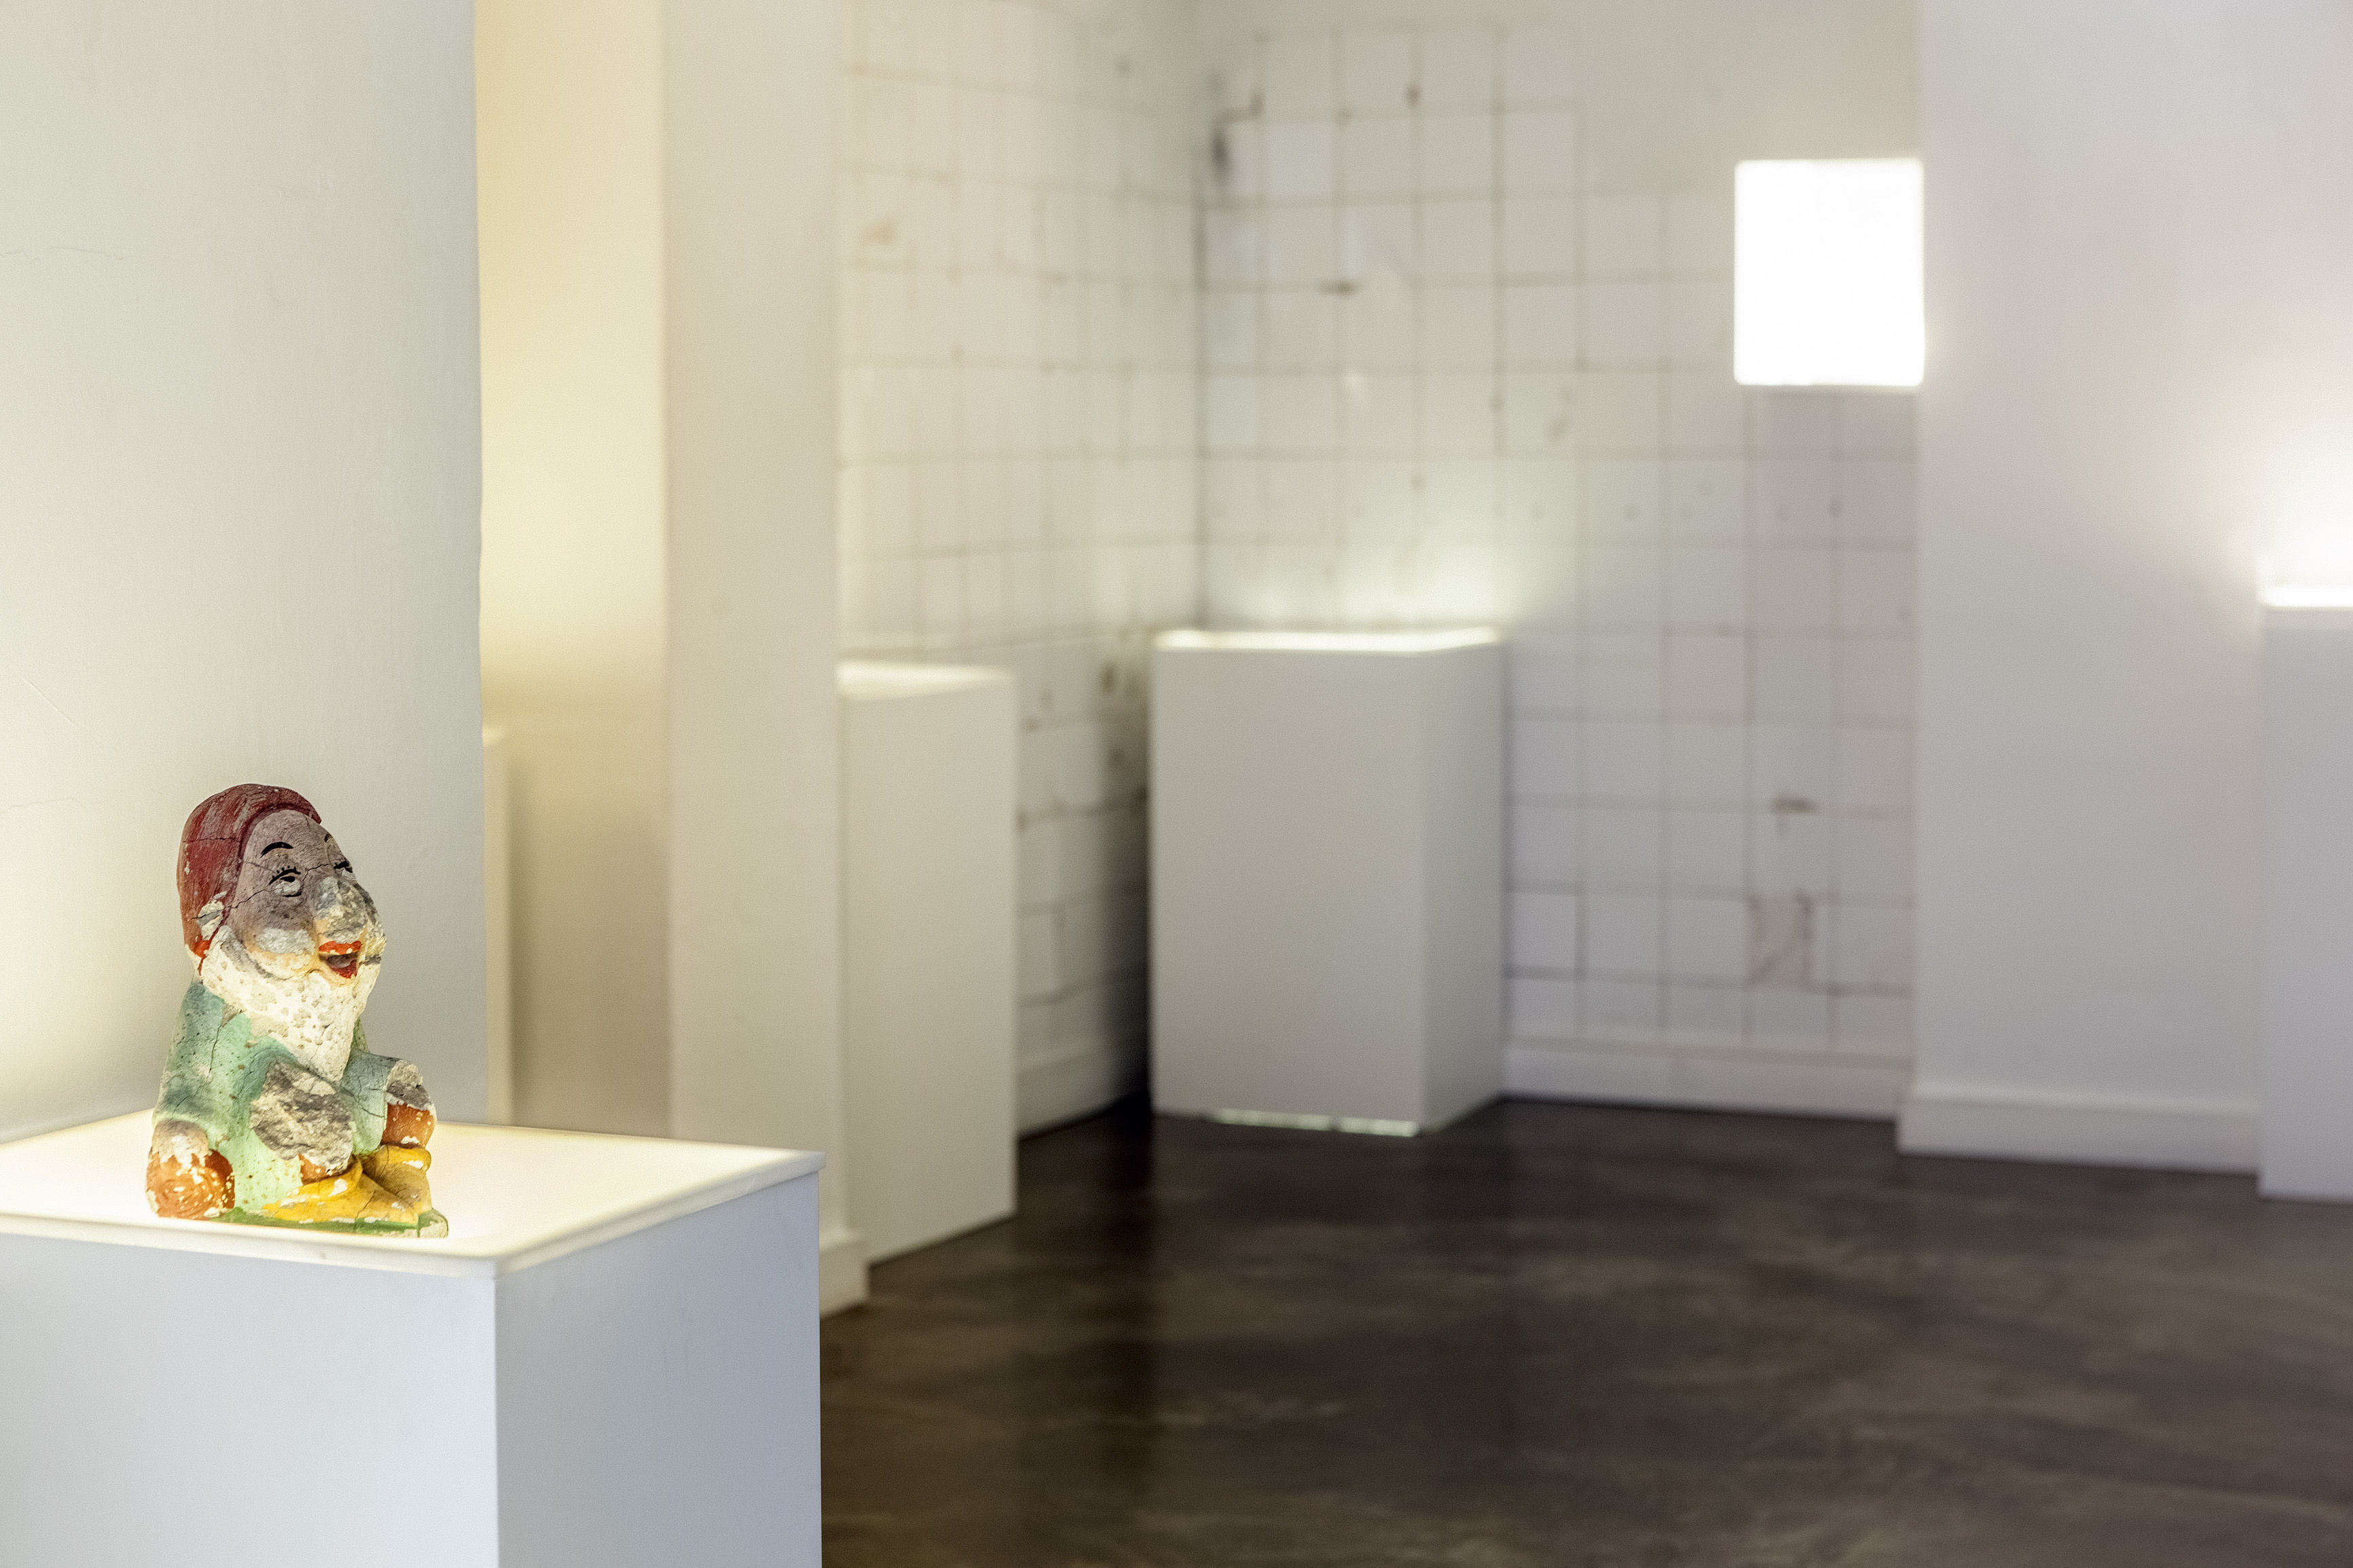 Ontdek de virtuele musea van Kroatië - Adriatico.nl